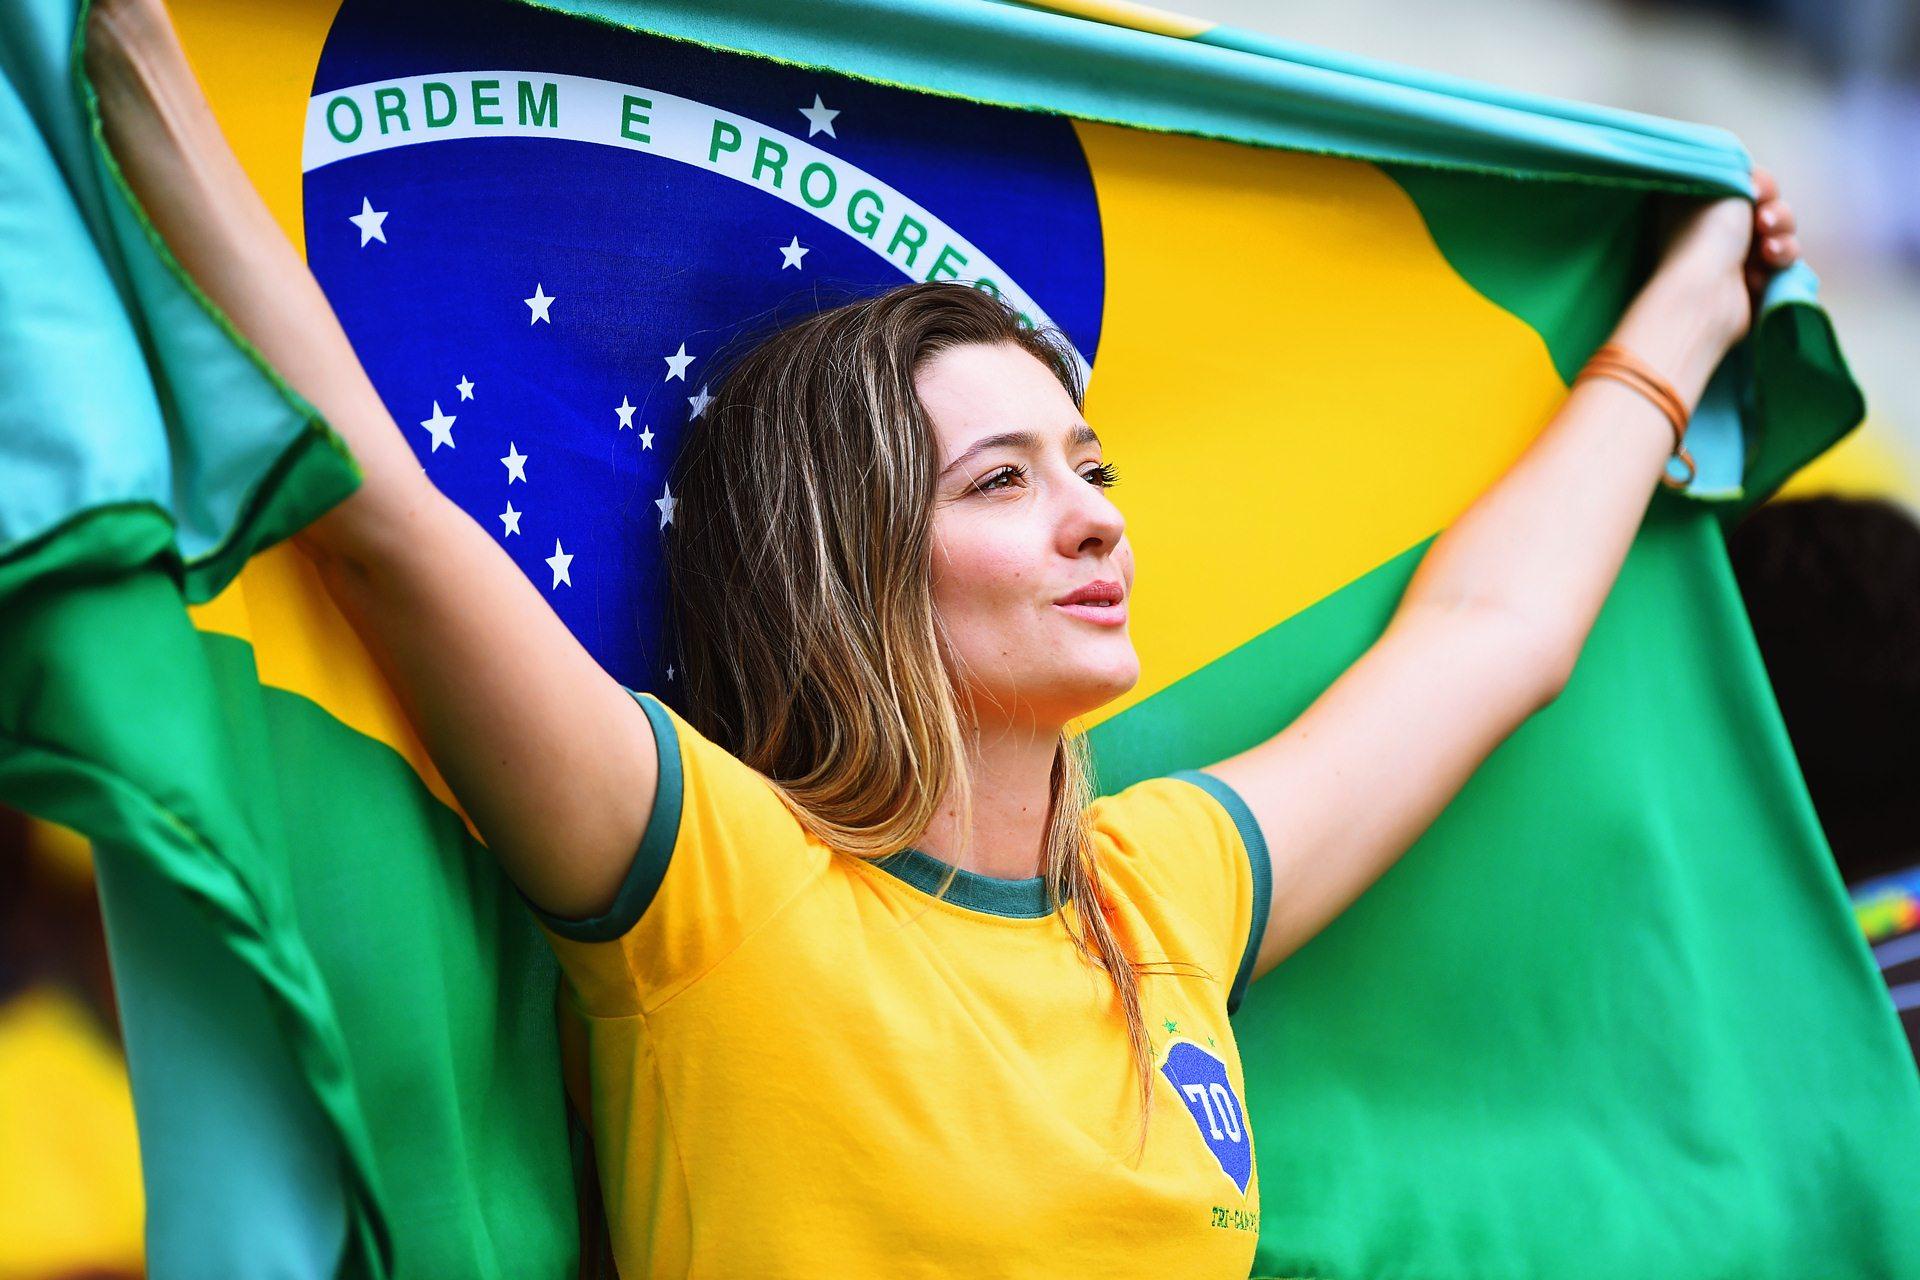 بالصور بنات برازيليات , اجمل بنات في البرازيل 2891 7